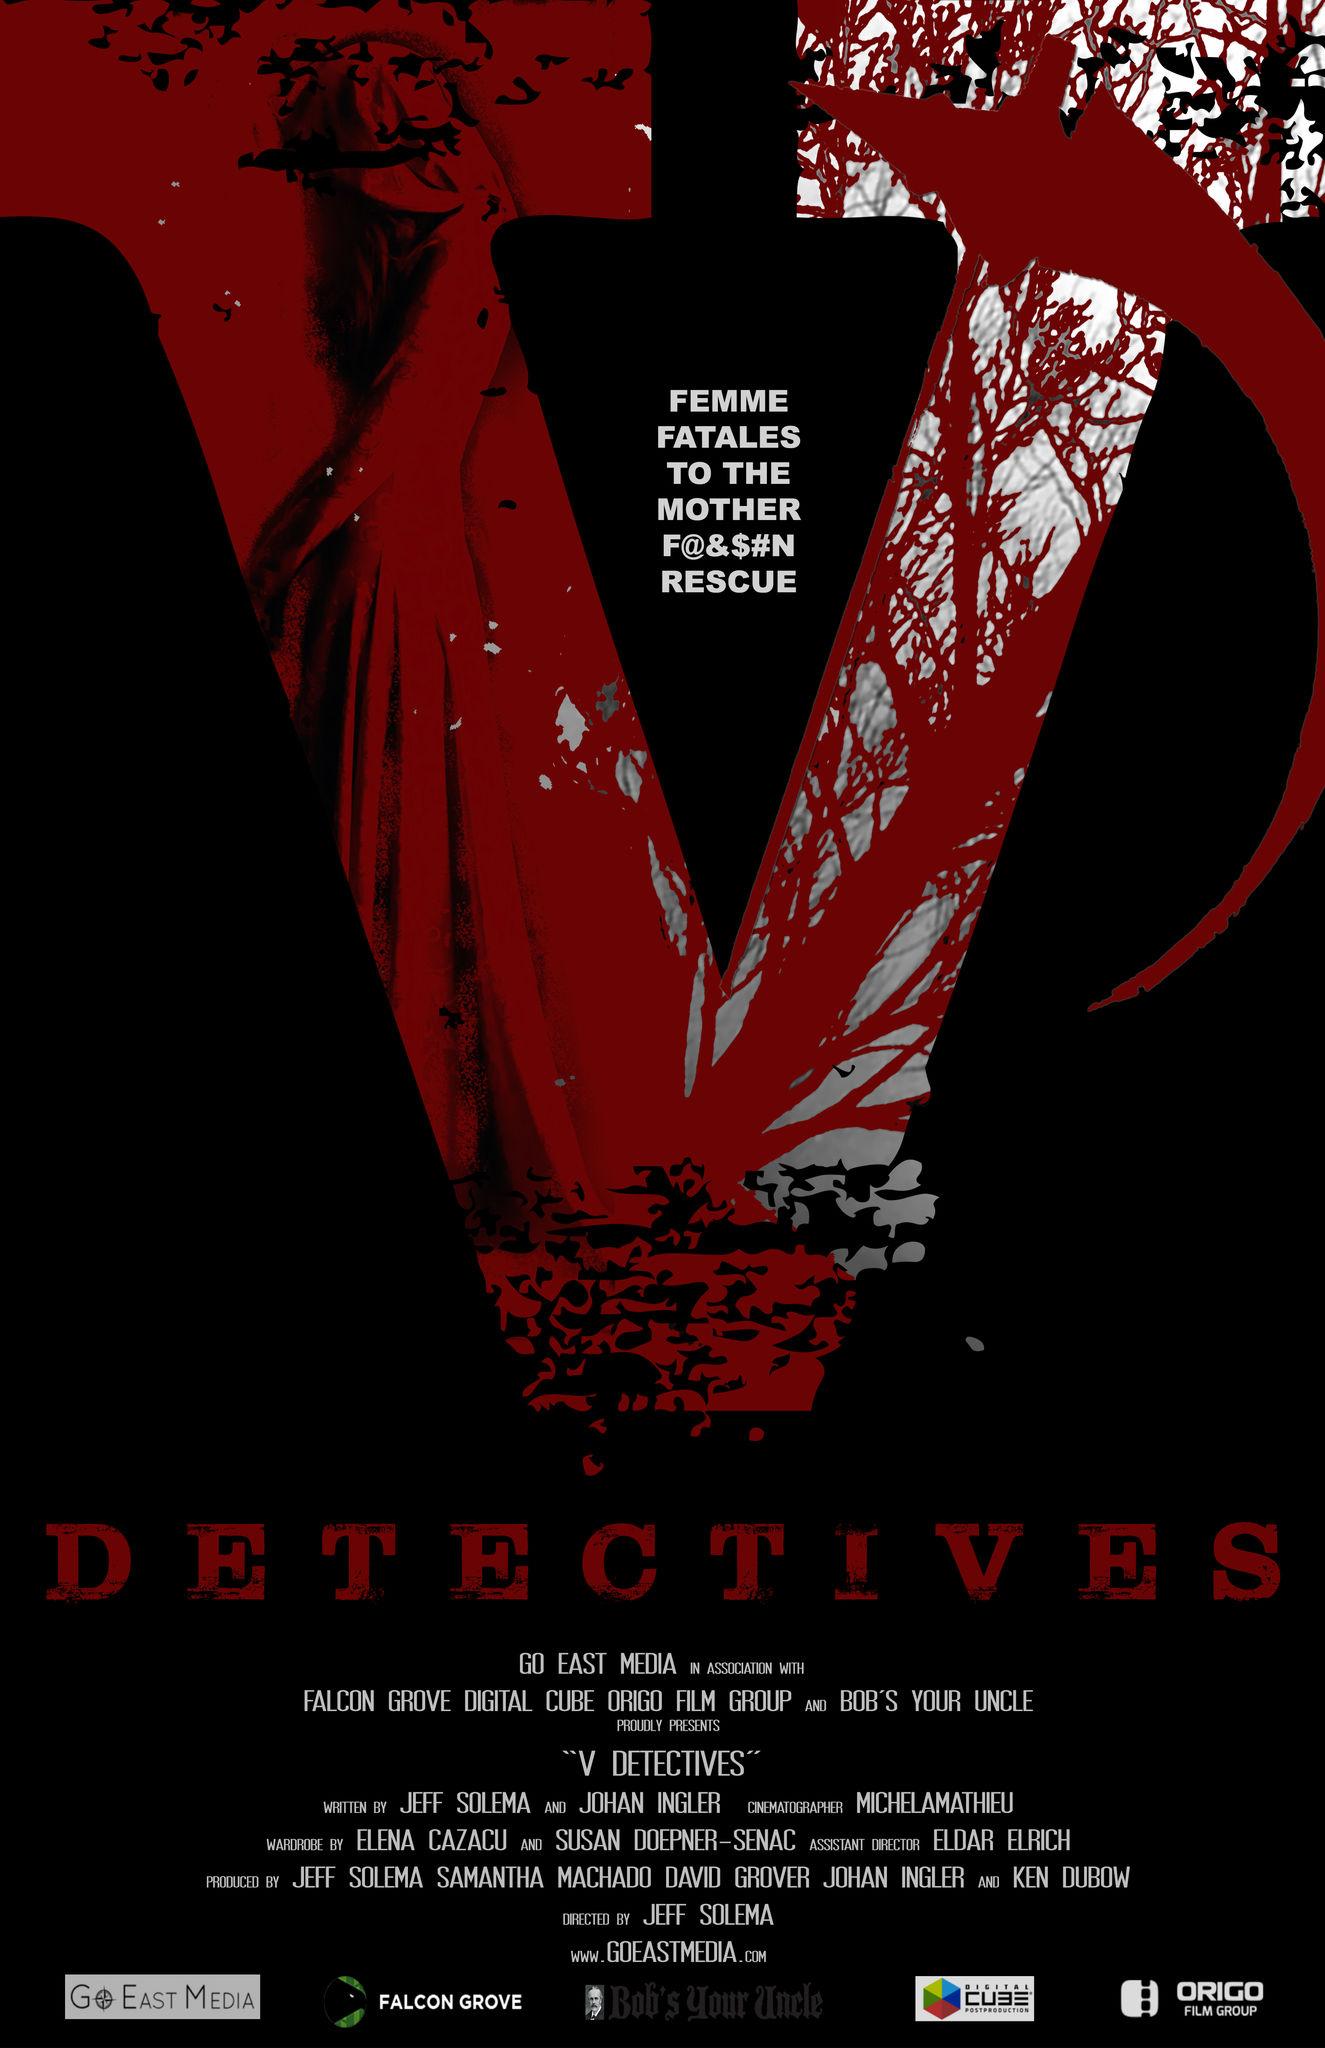 V Detectives